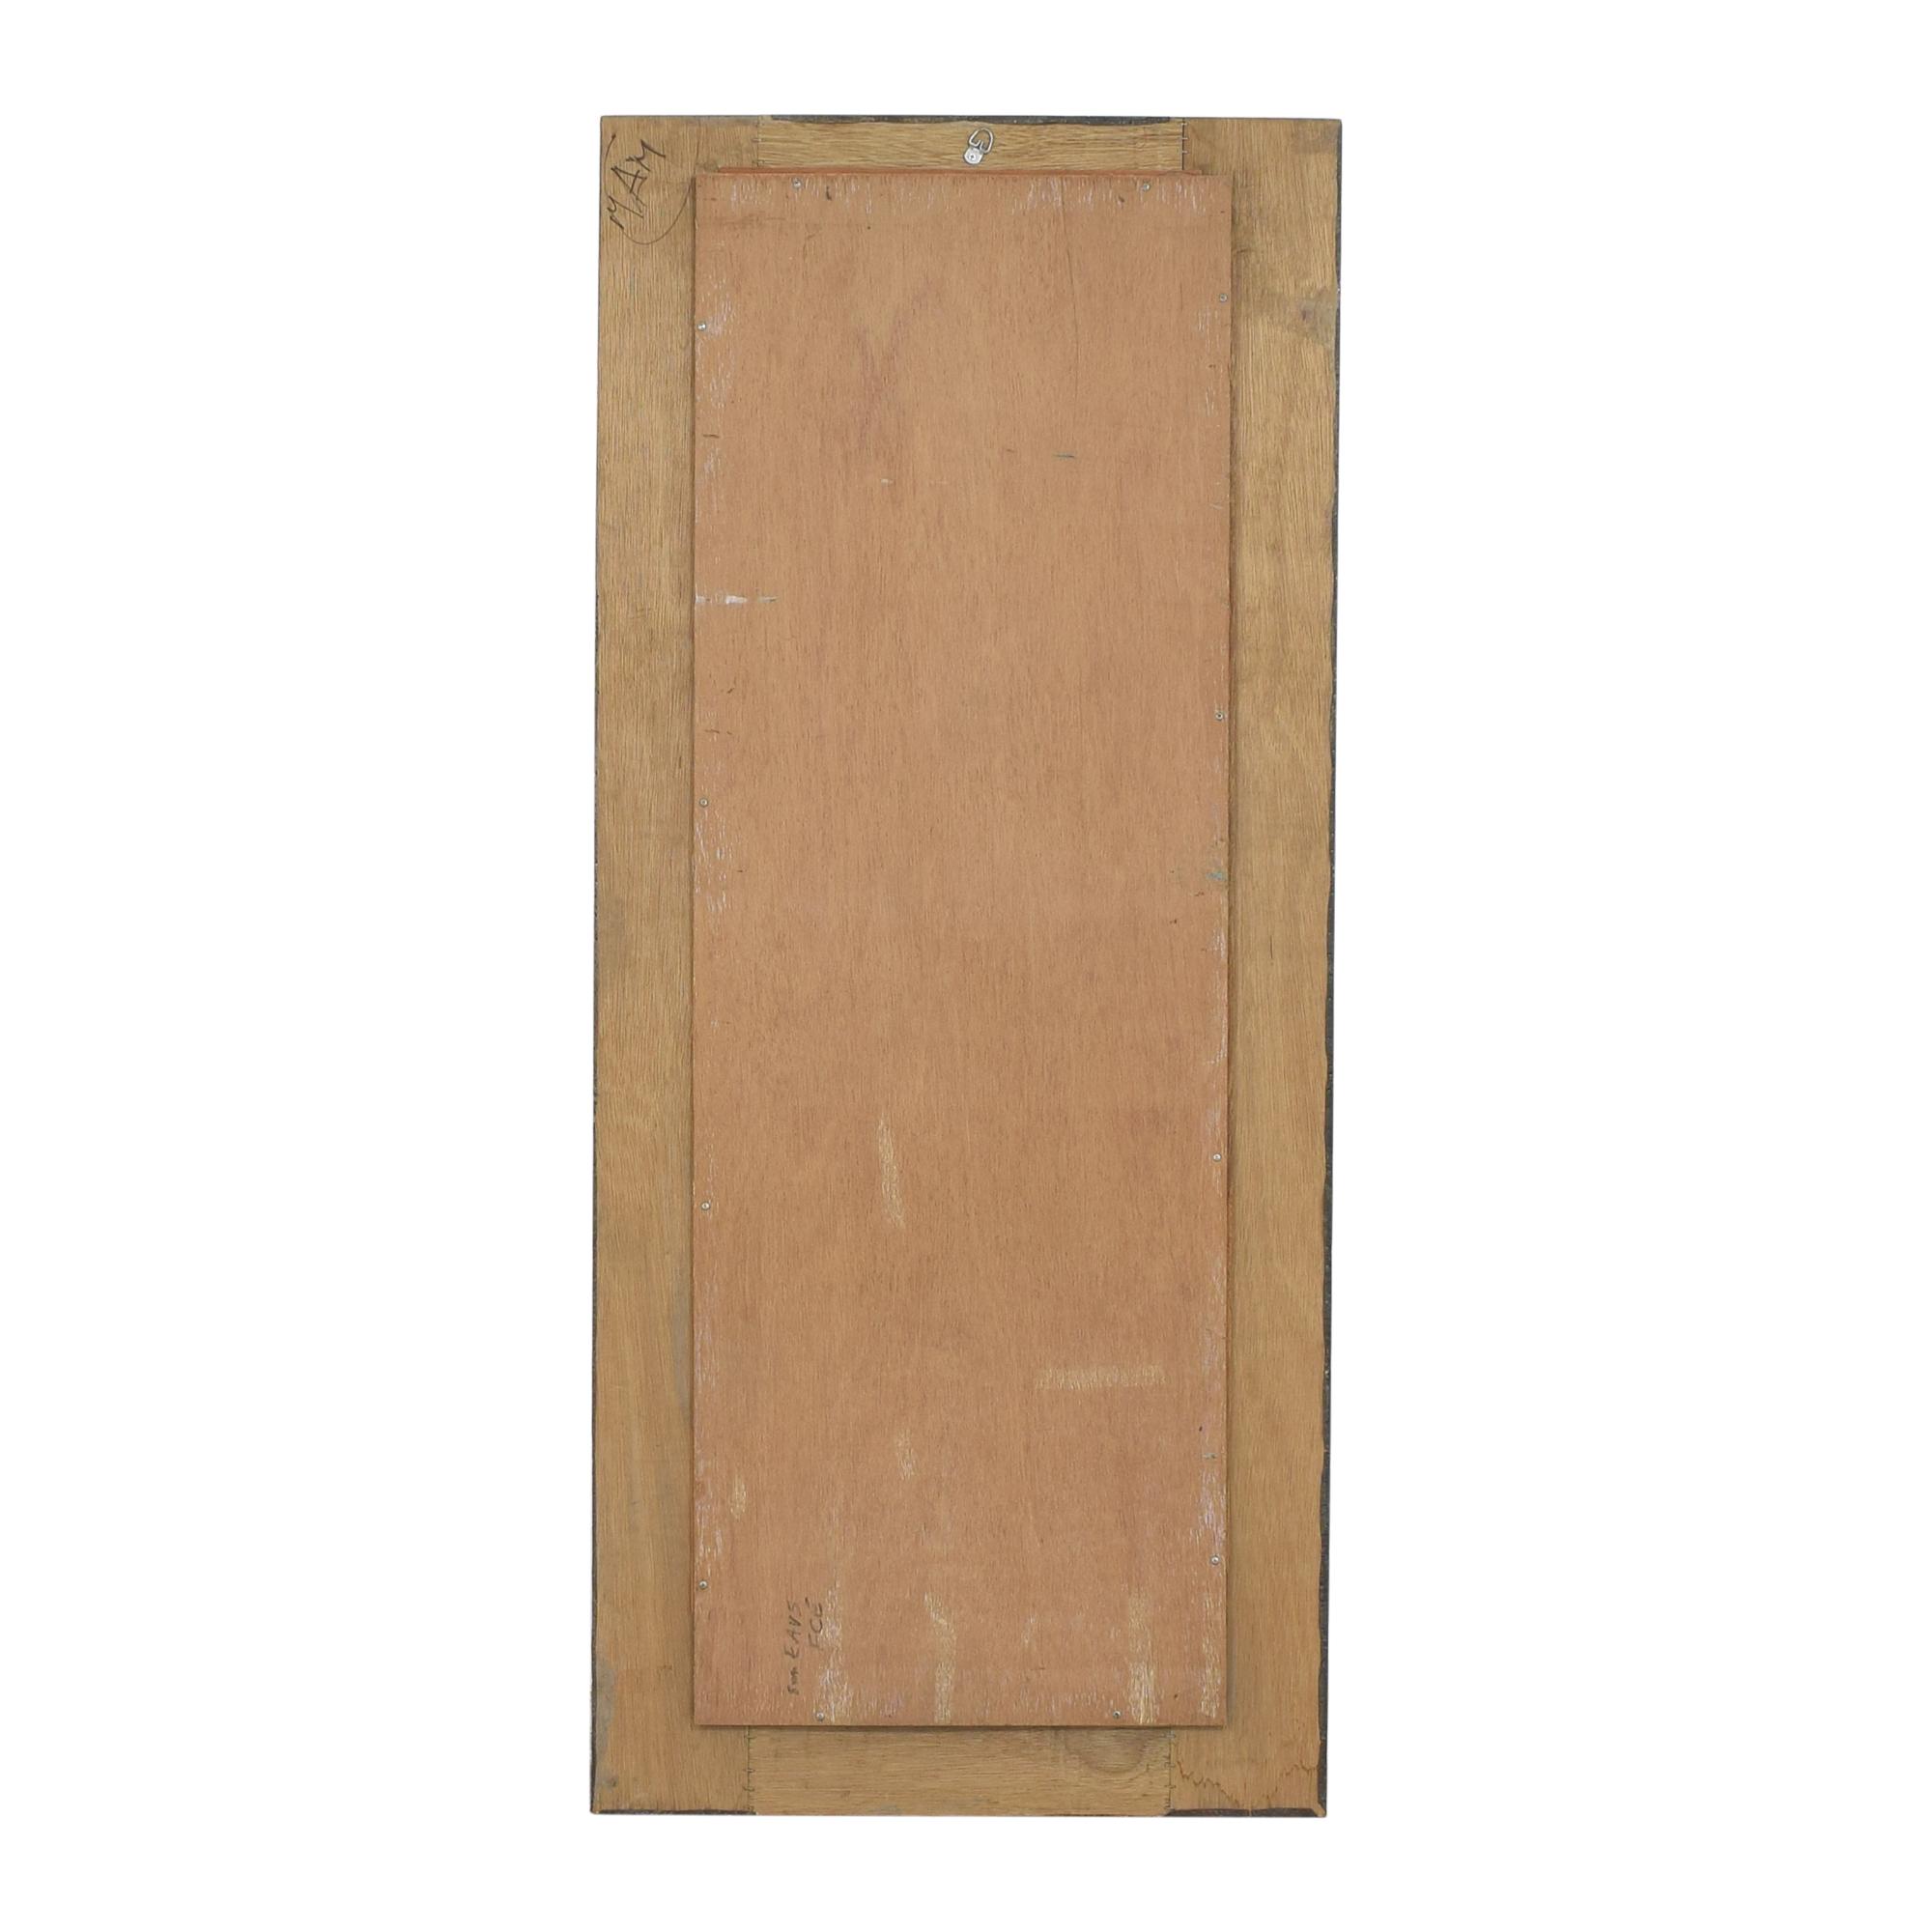 Vintage Style Floor Mirror used